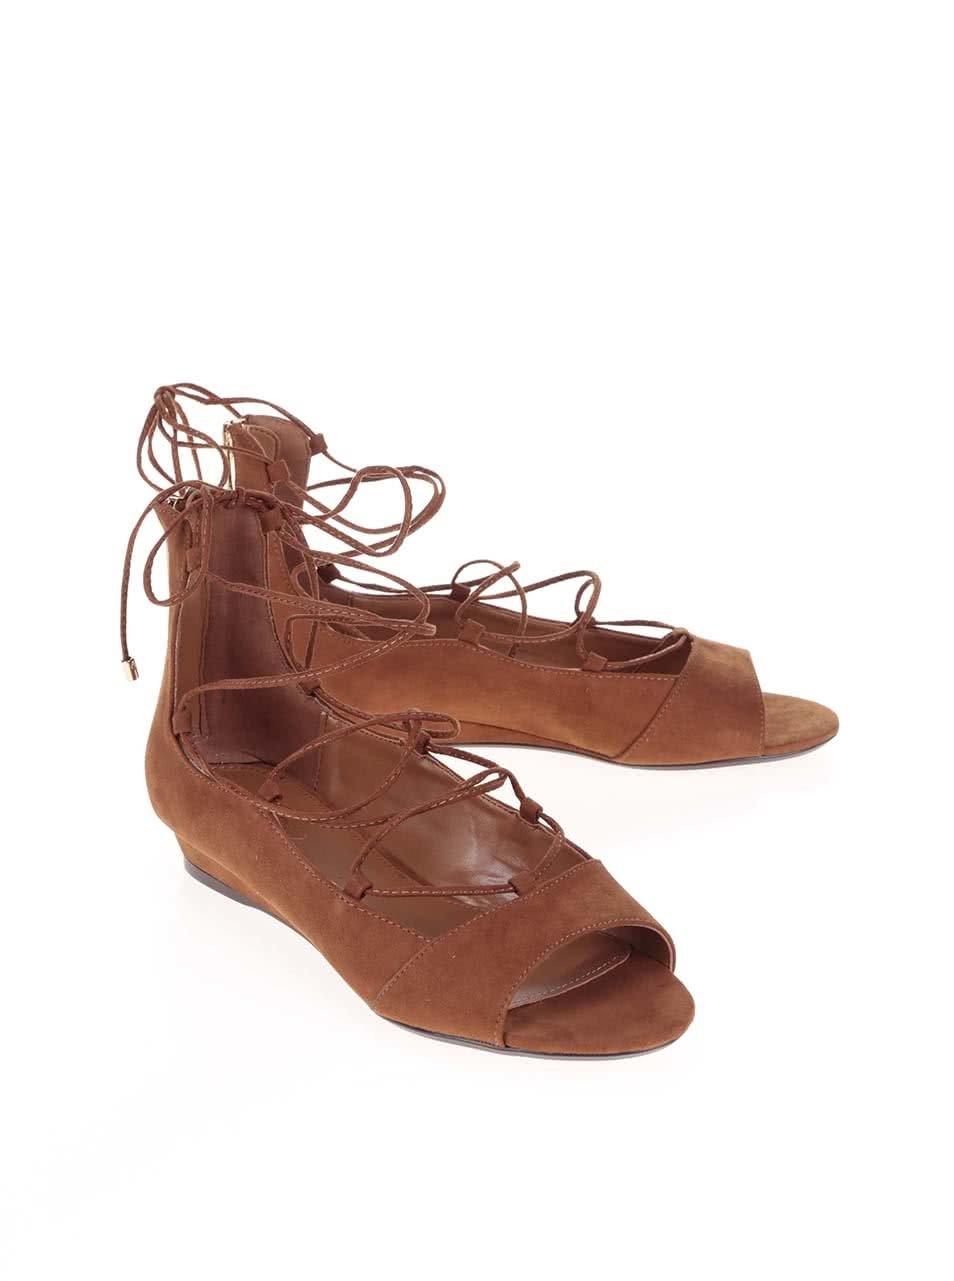 6cc05dc312cd Hnedé šnurovacie sandále na klinovom podpätku ALDO Arla ...